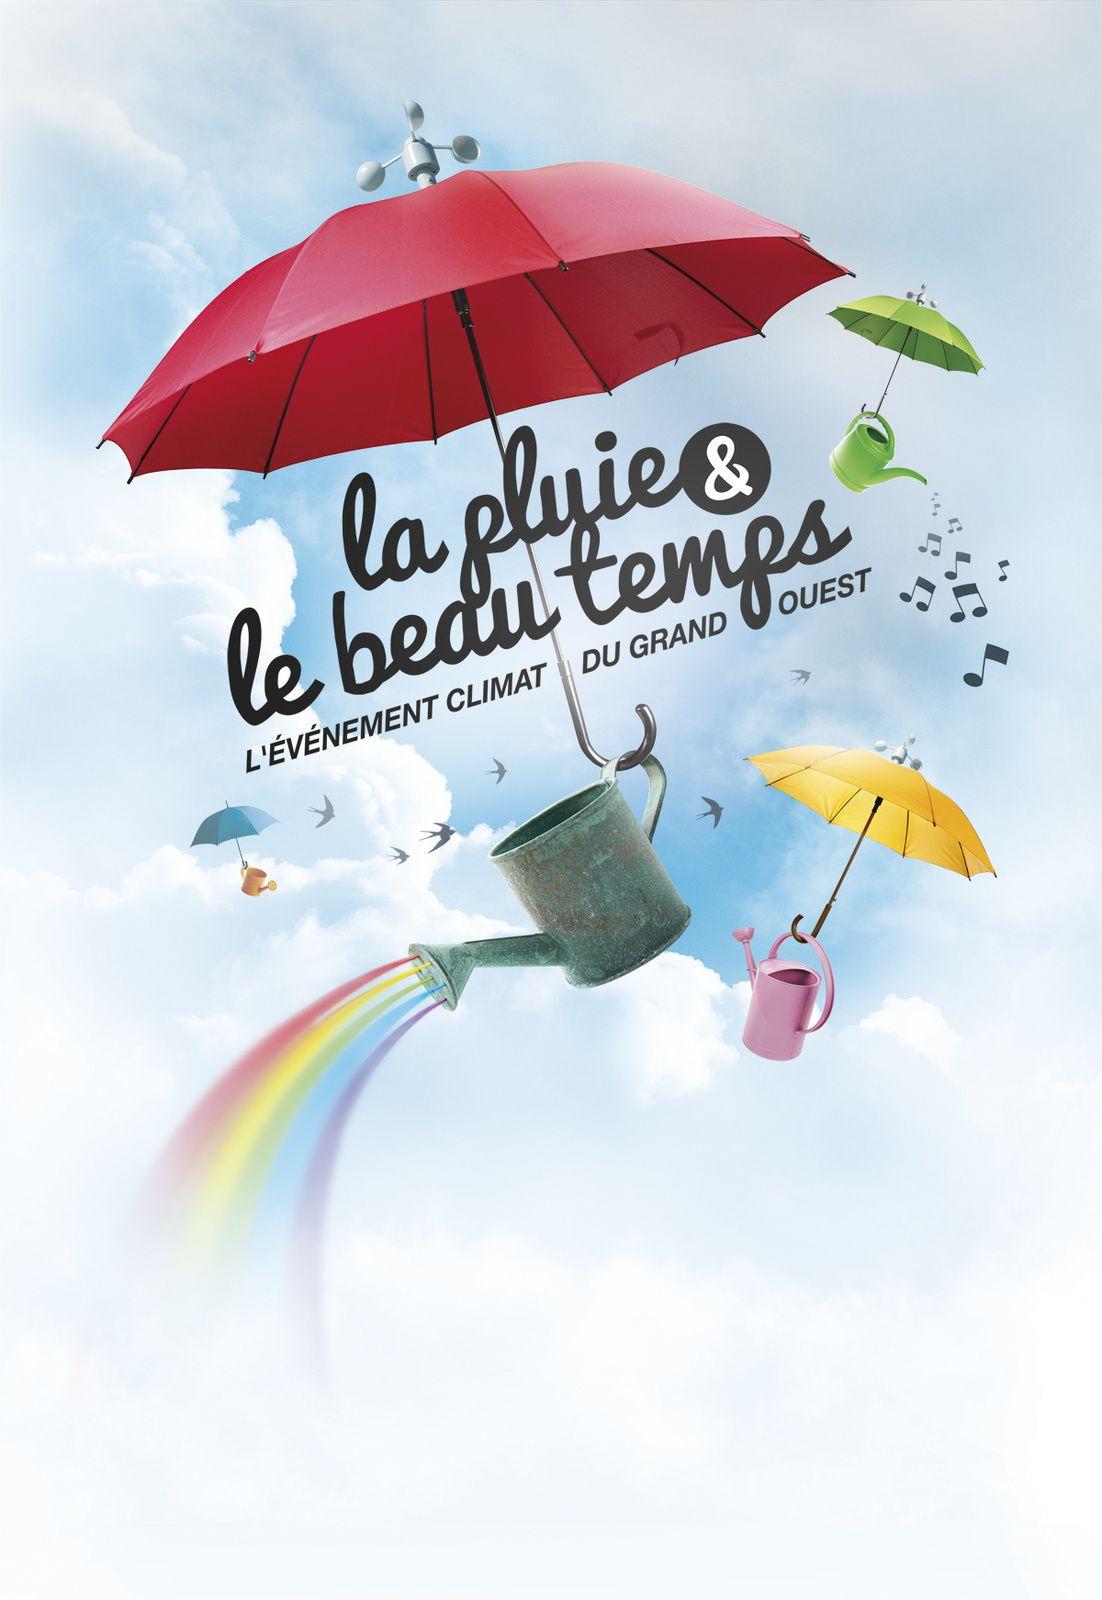 La Pluie & le Beau Temps